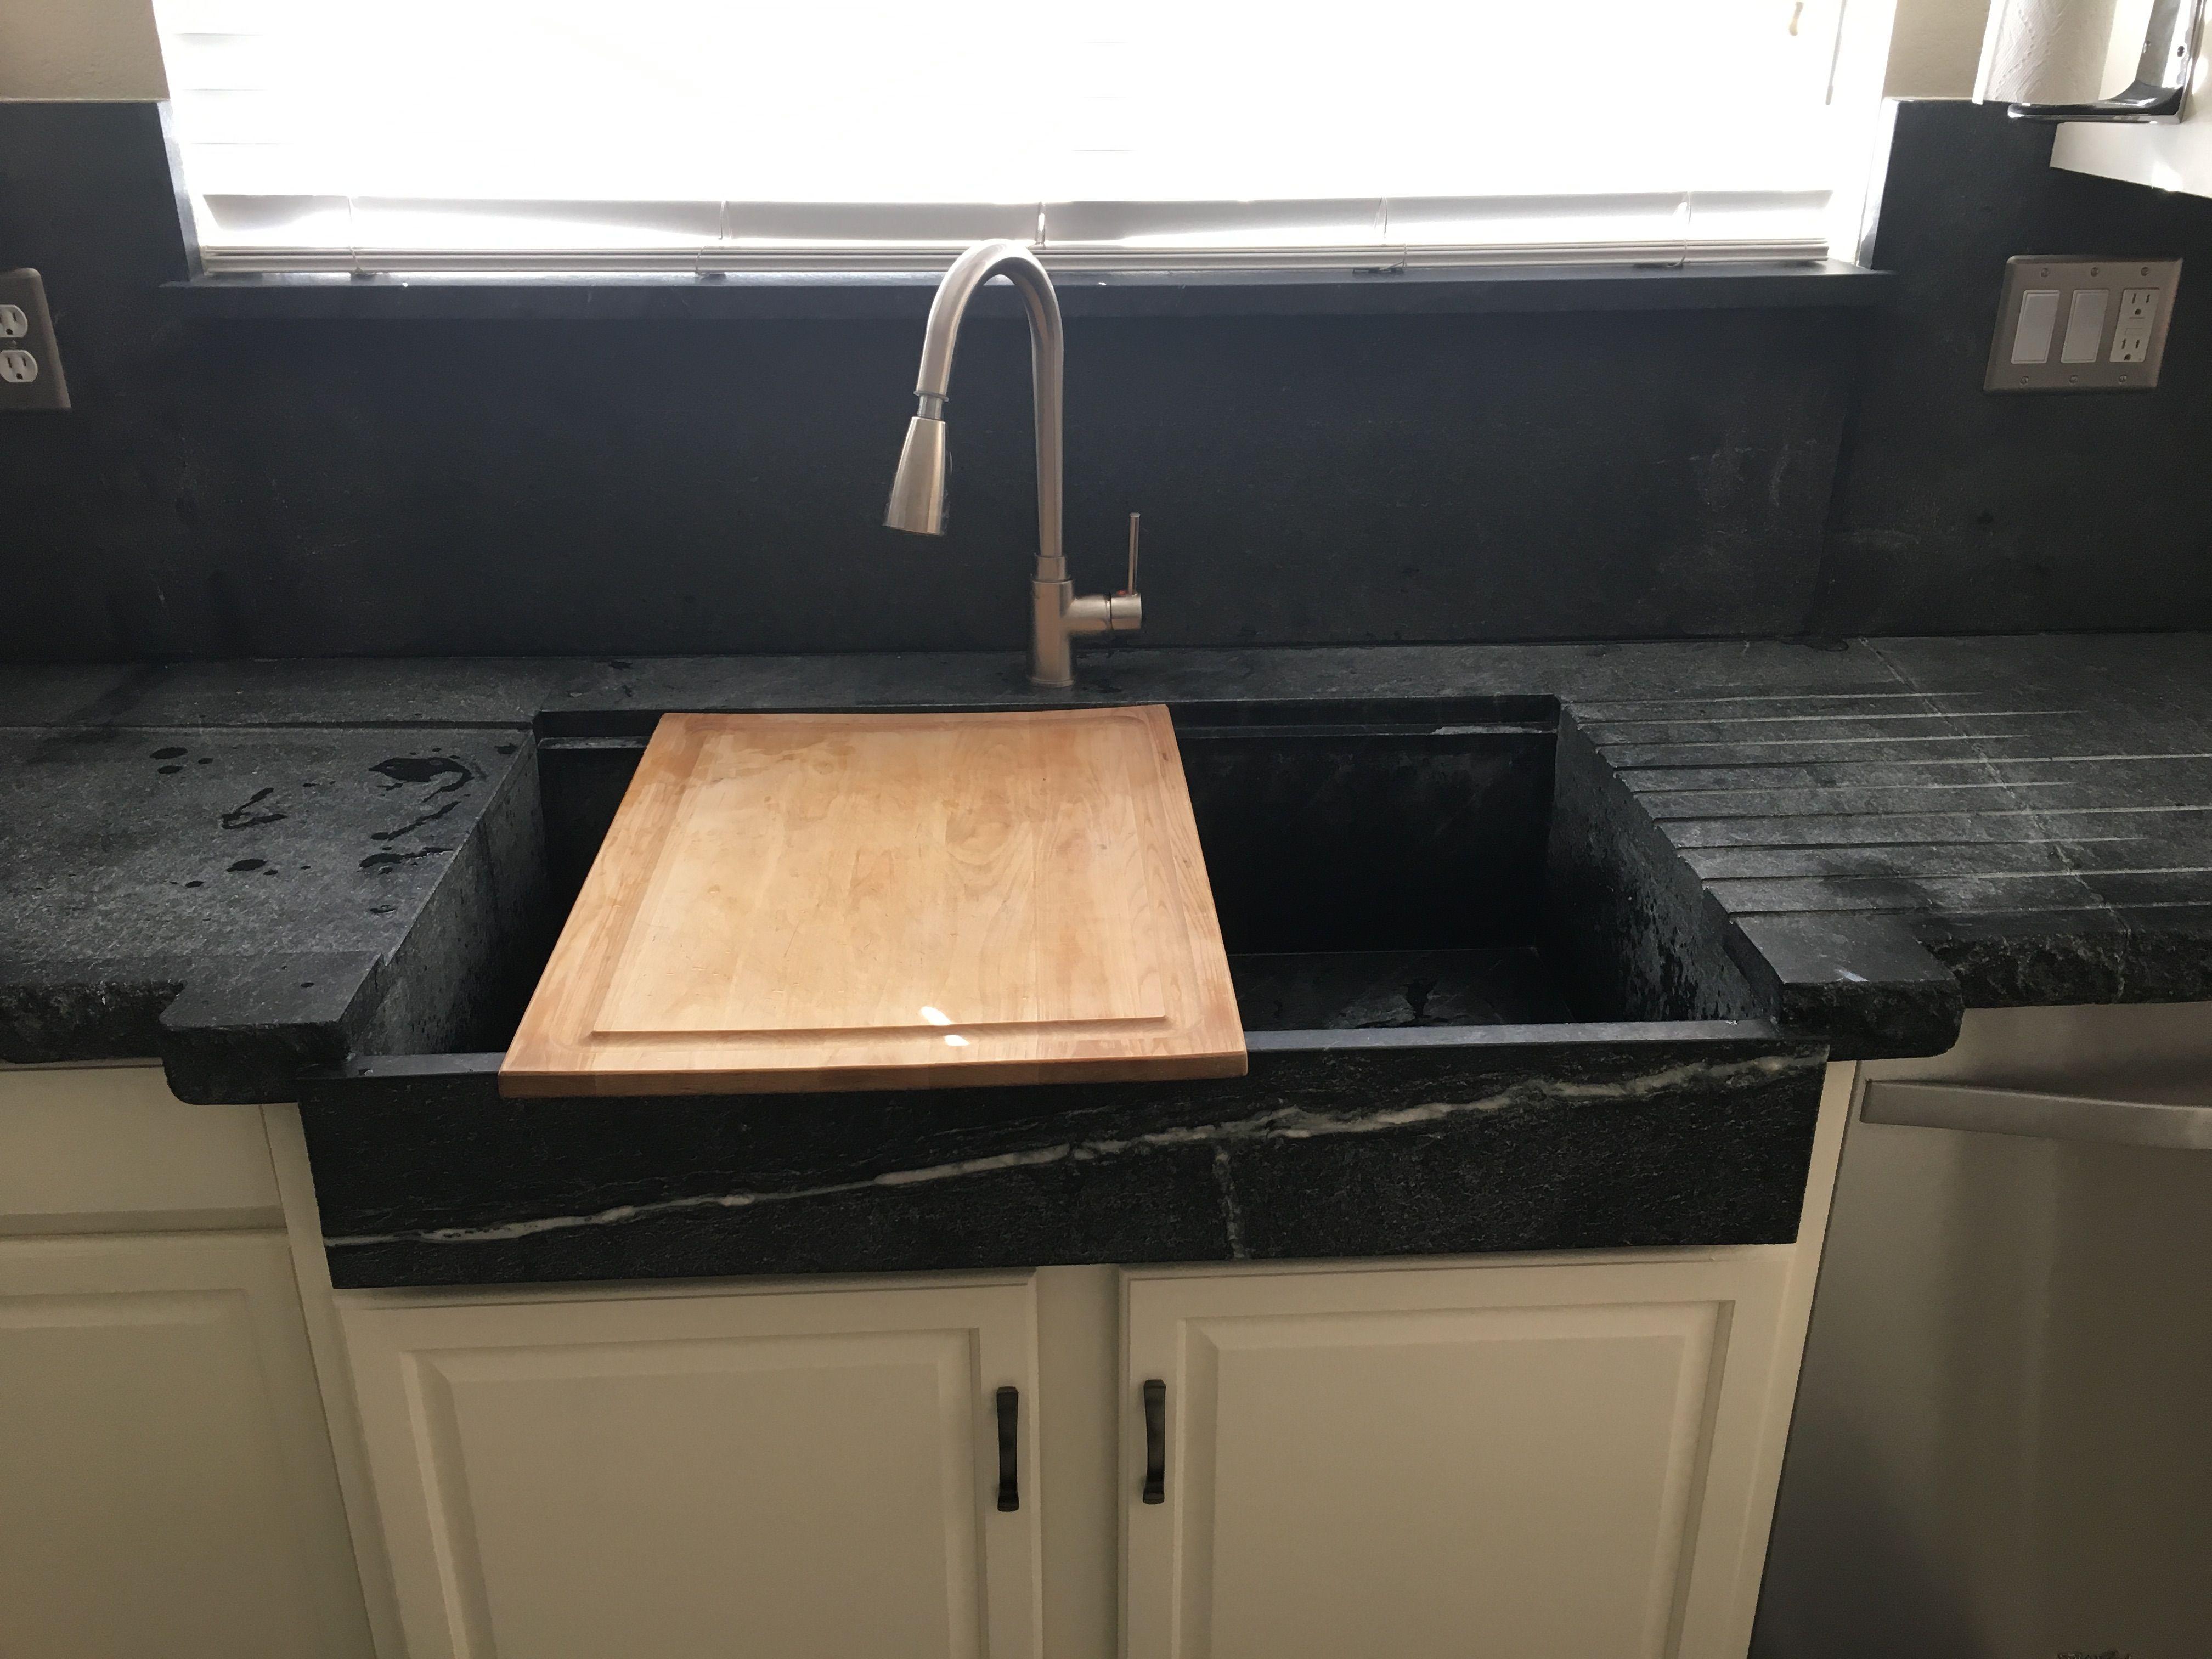 Soapstone Kitchens Soapstone Countertops Sierra Soapstone